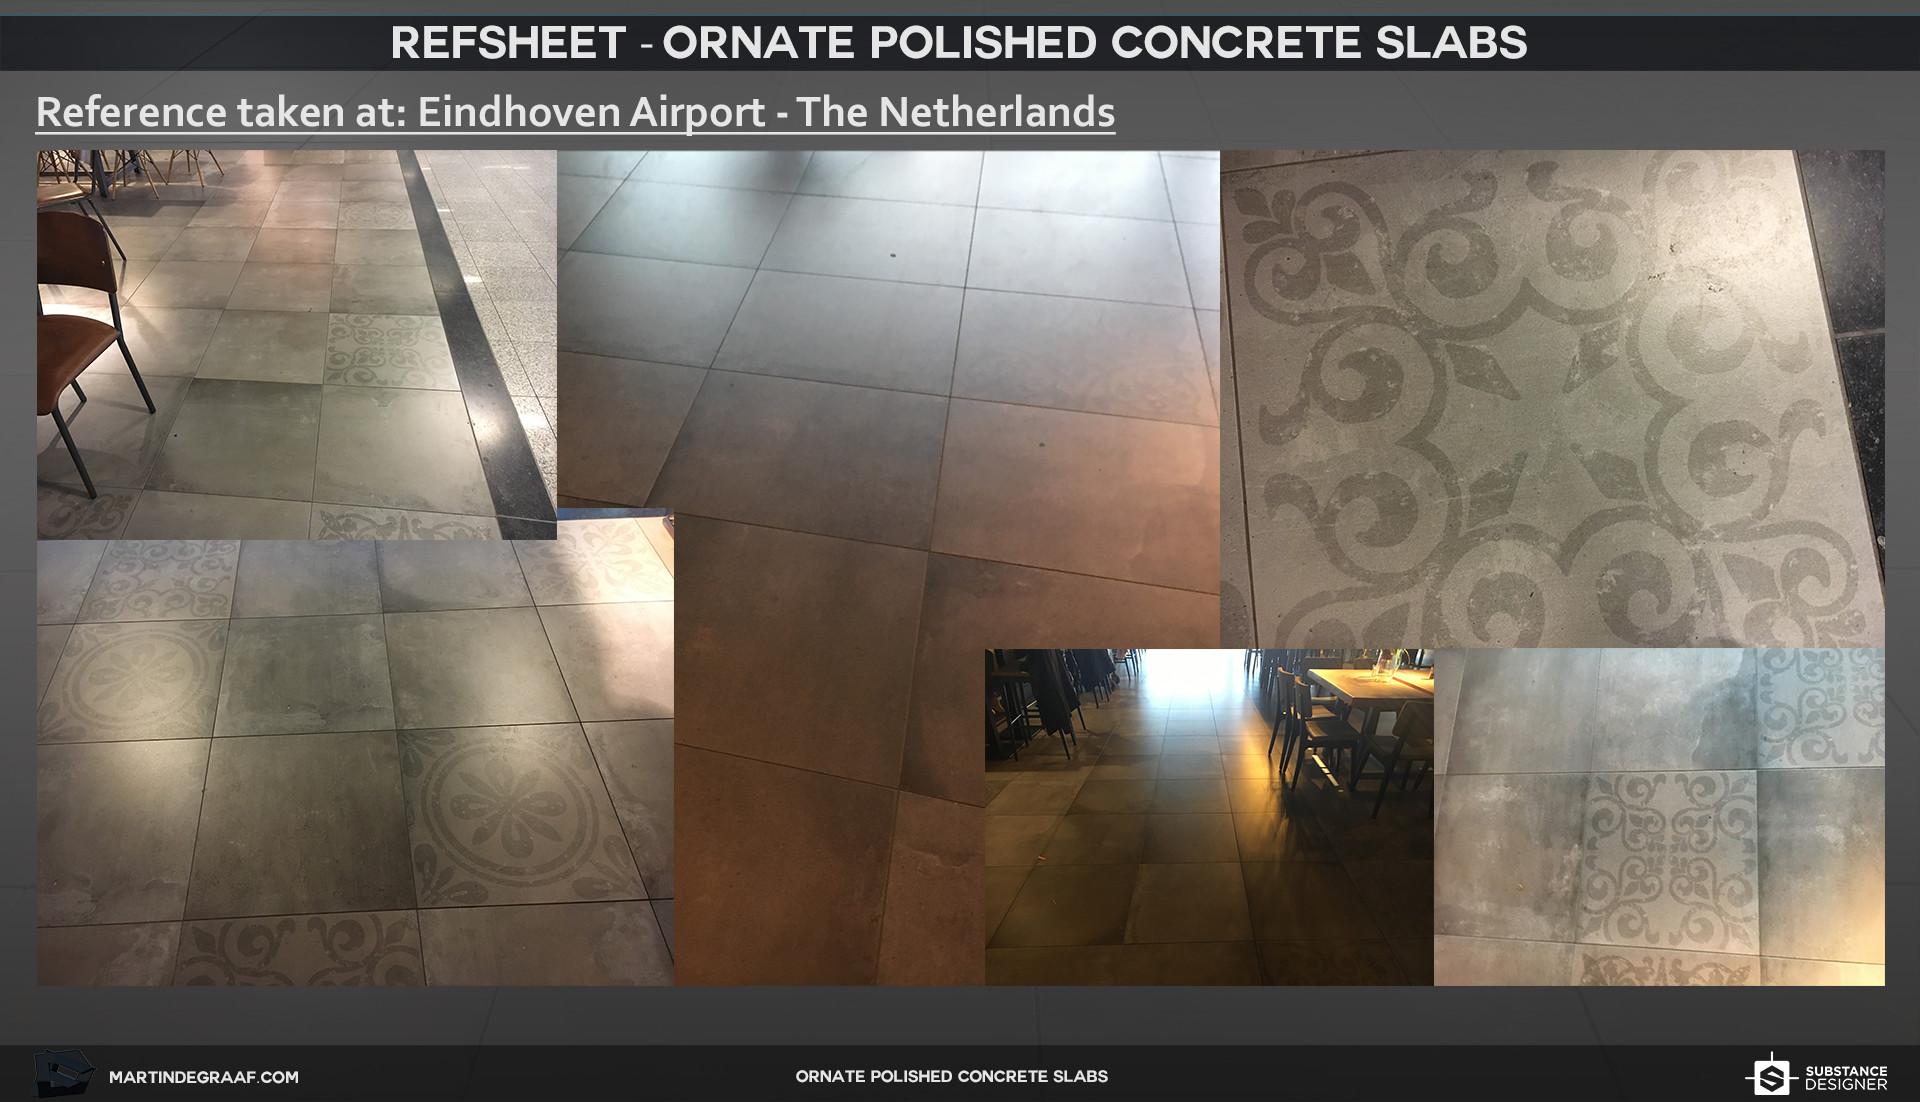 Martin de graaf ornate polished concrete slabs substance refsheet martin de graaf 2017